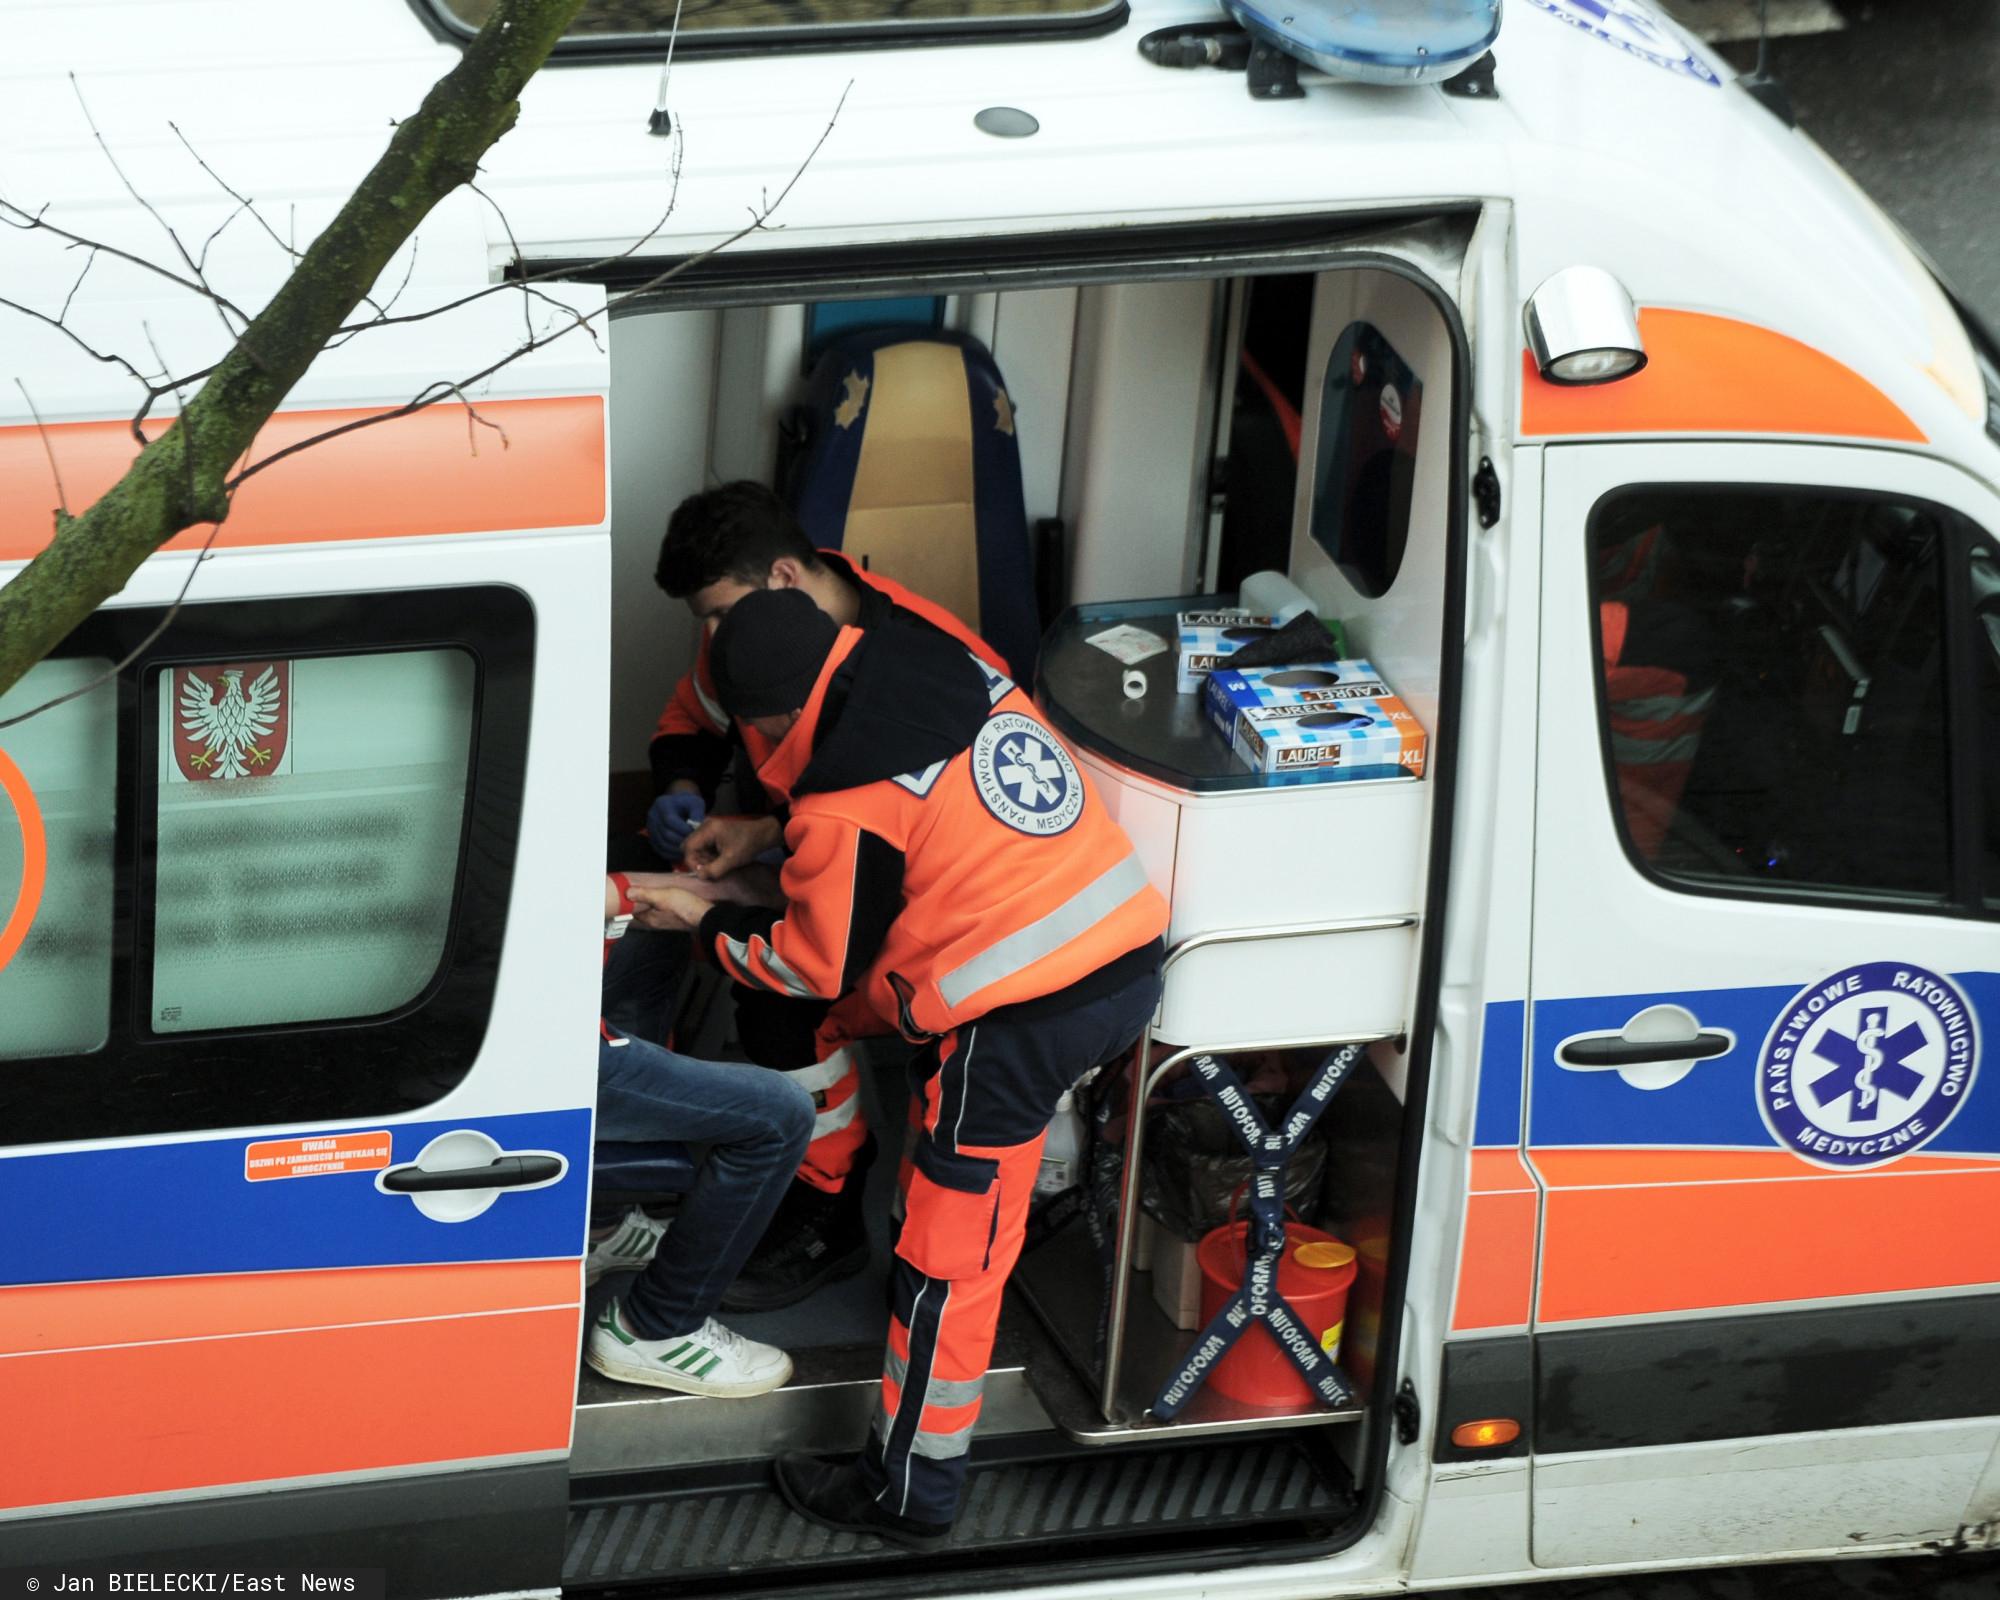 Widzisz policjanta albo ratownika medycznego w kolejce - natychmiast przepuść. To ważne, do sieci trafił dramatyczny apel